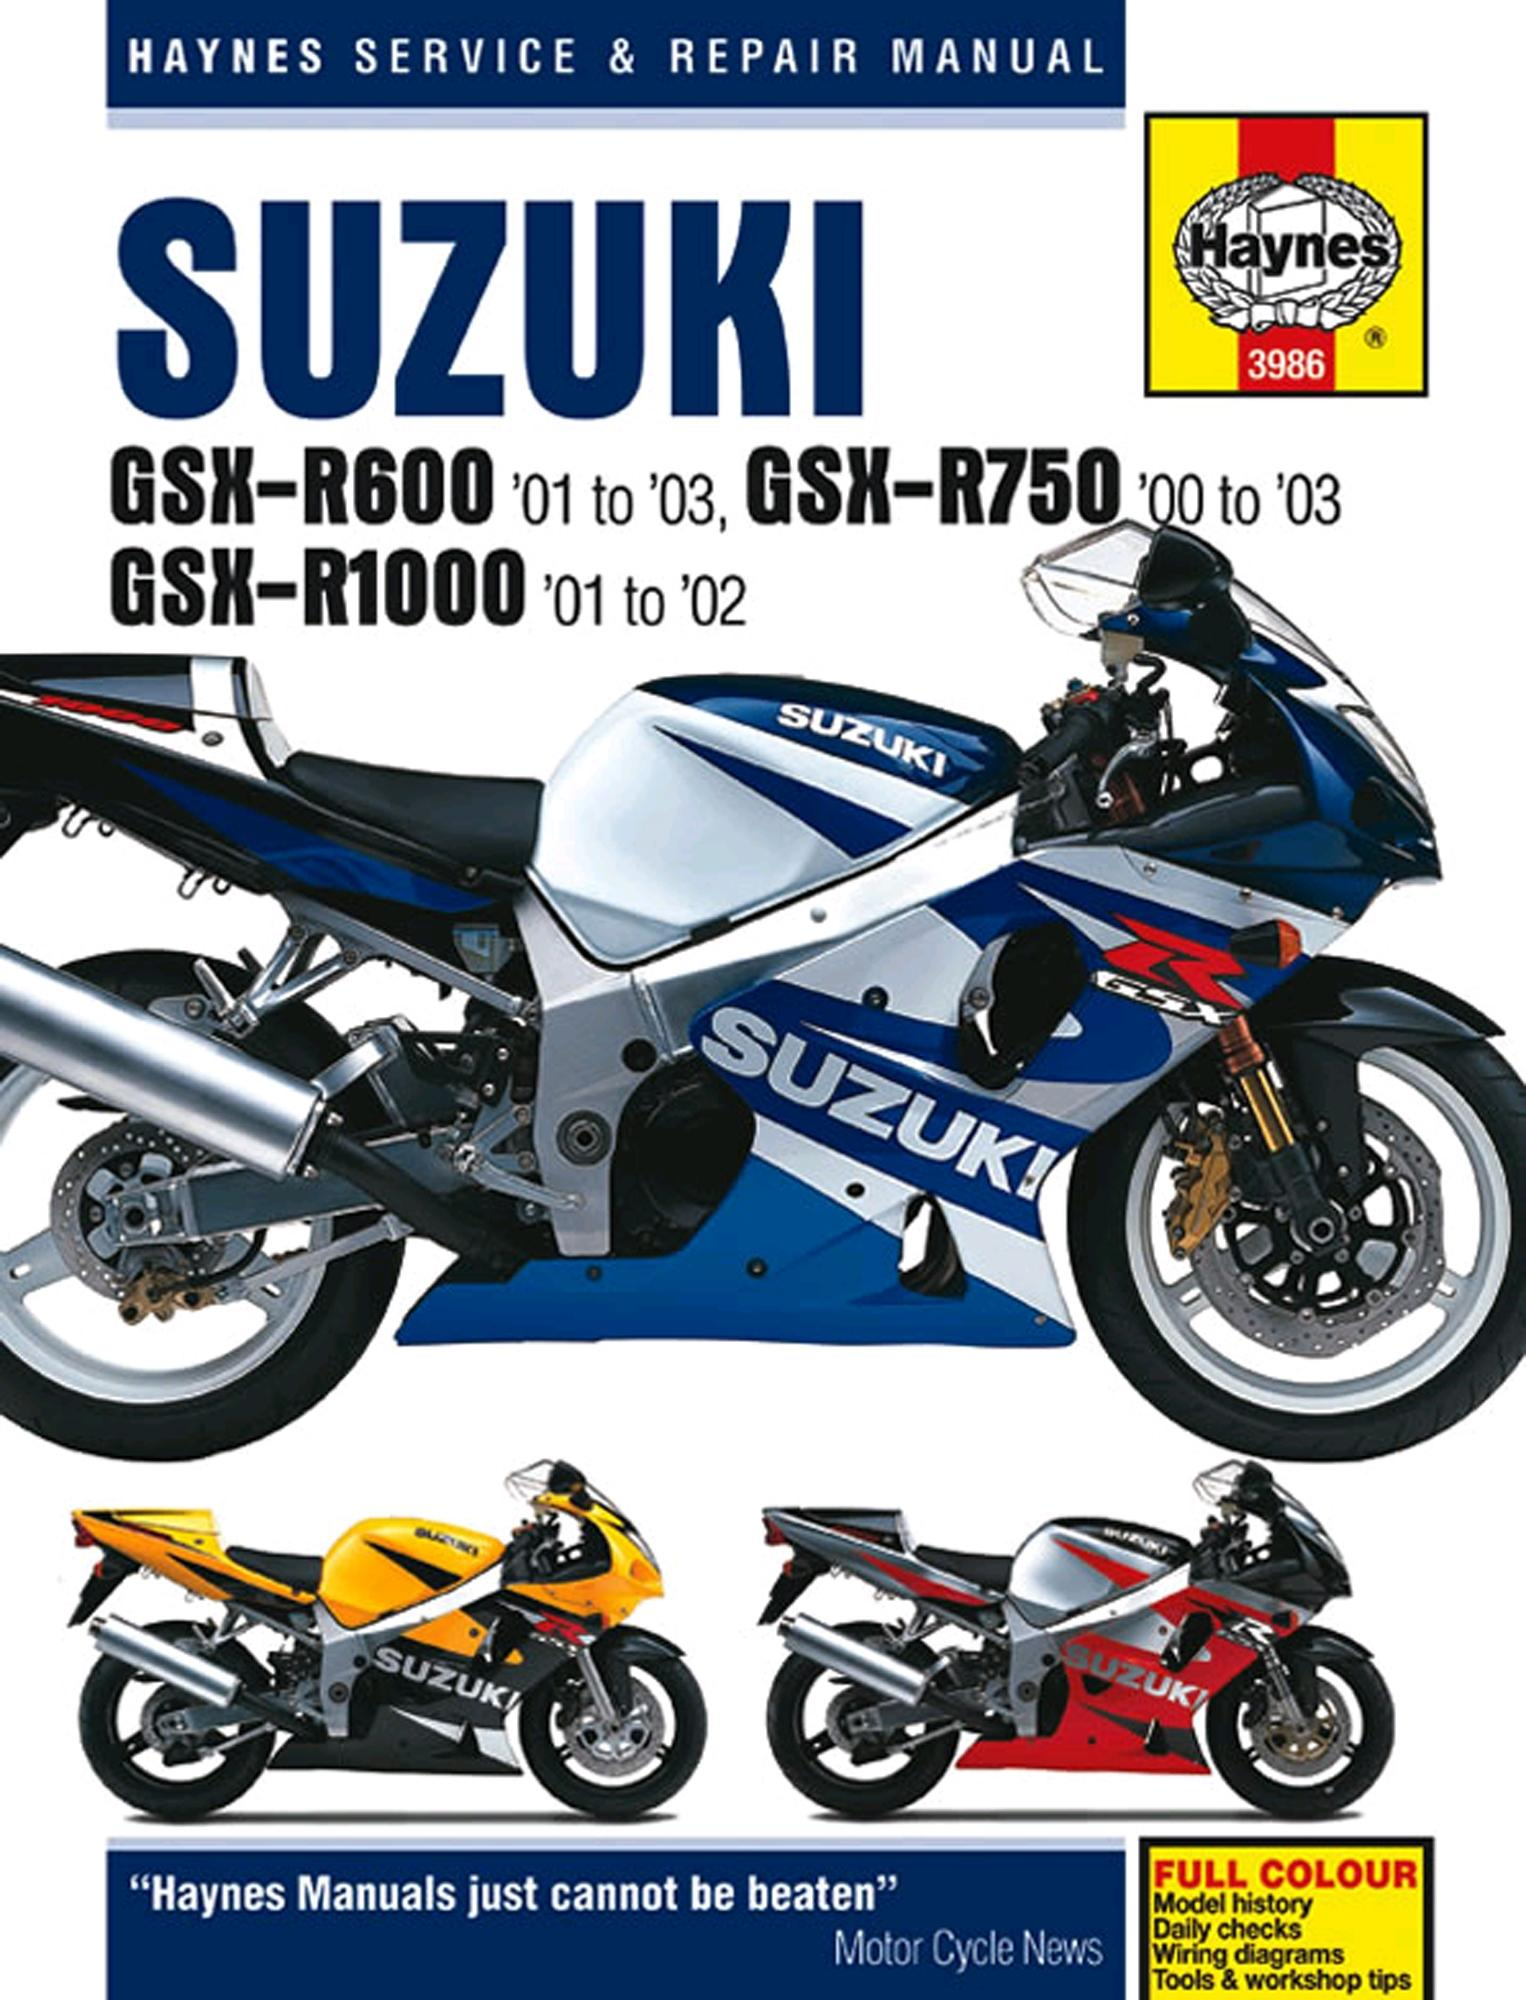 Haynes Service Repair Manual Suzuki GSX-R600 01-03 GSX-R750 00-03 R1000  01-02